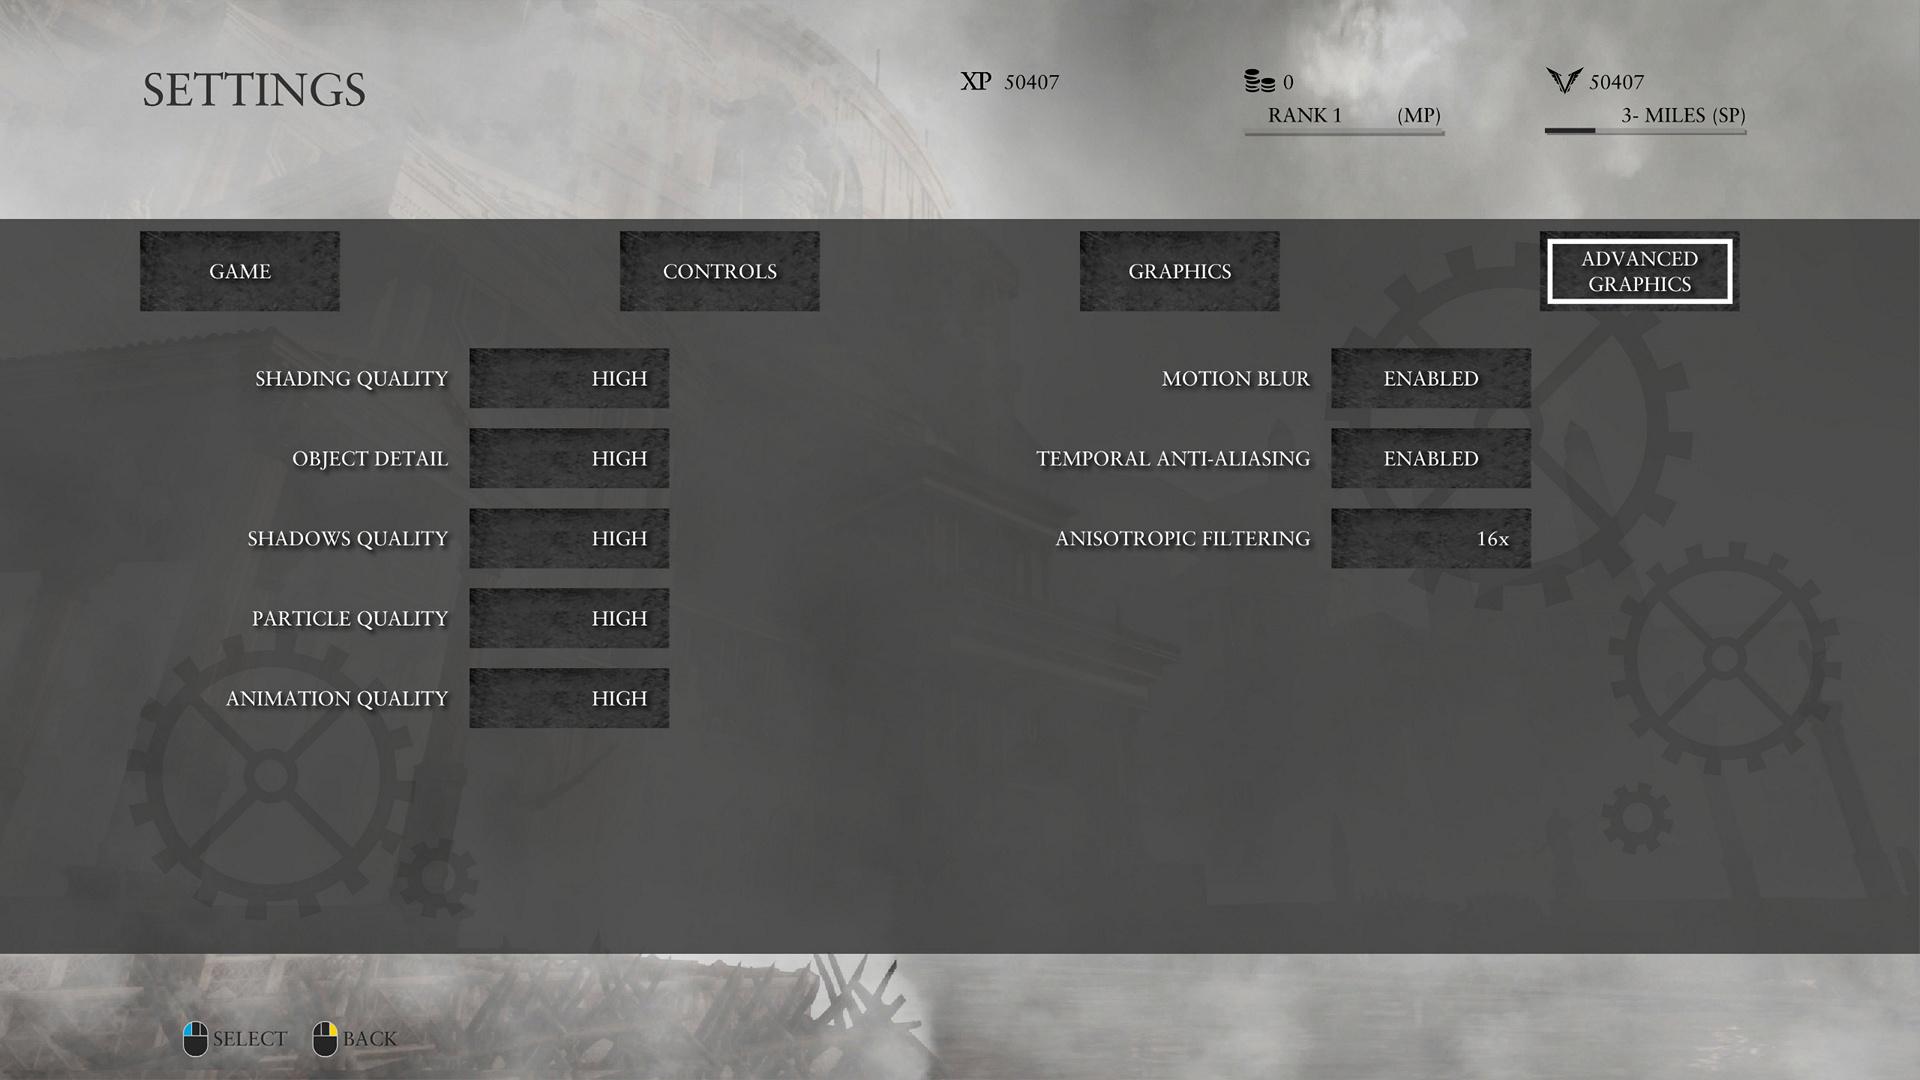 Ryse im Technik-Test: Römer-Attacke auf die Grafikkarte - Erweiterte Optionen, beispielsweise TAA (Screenshot: Marc Sauter/Golem.de)